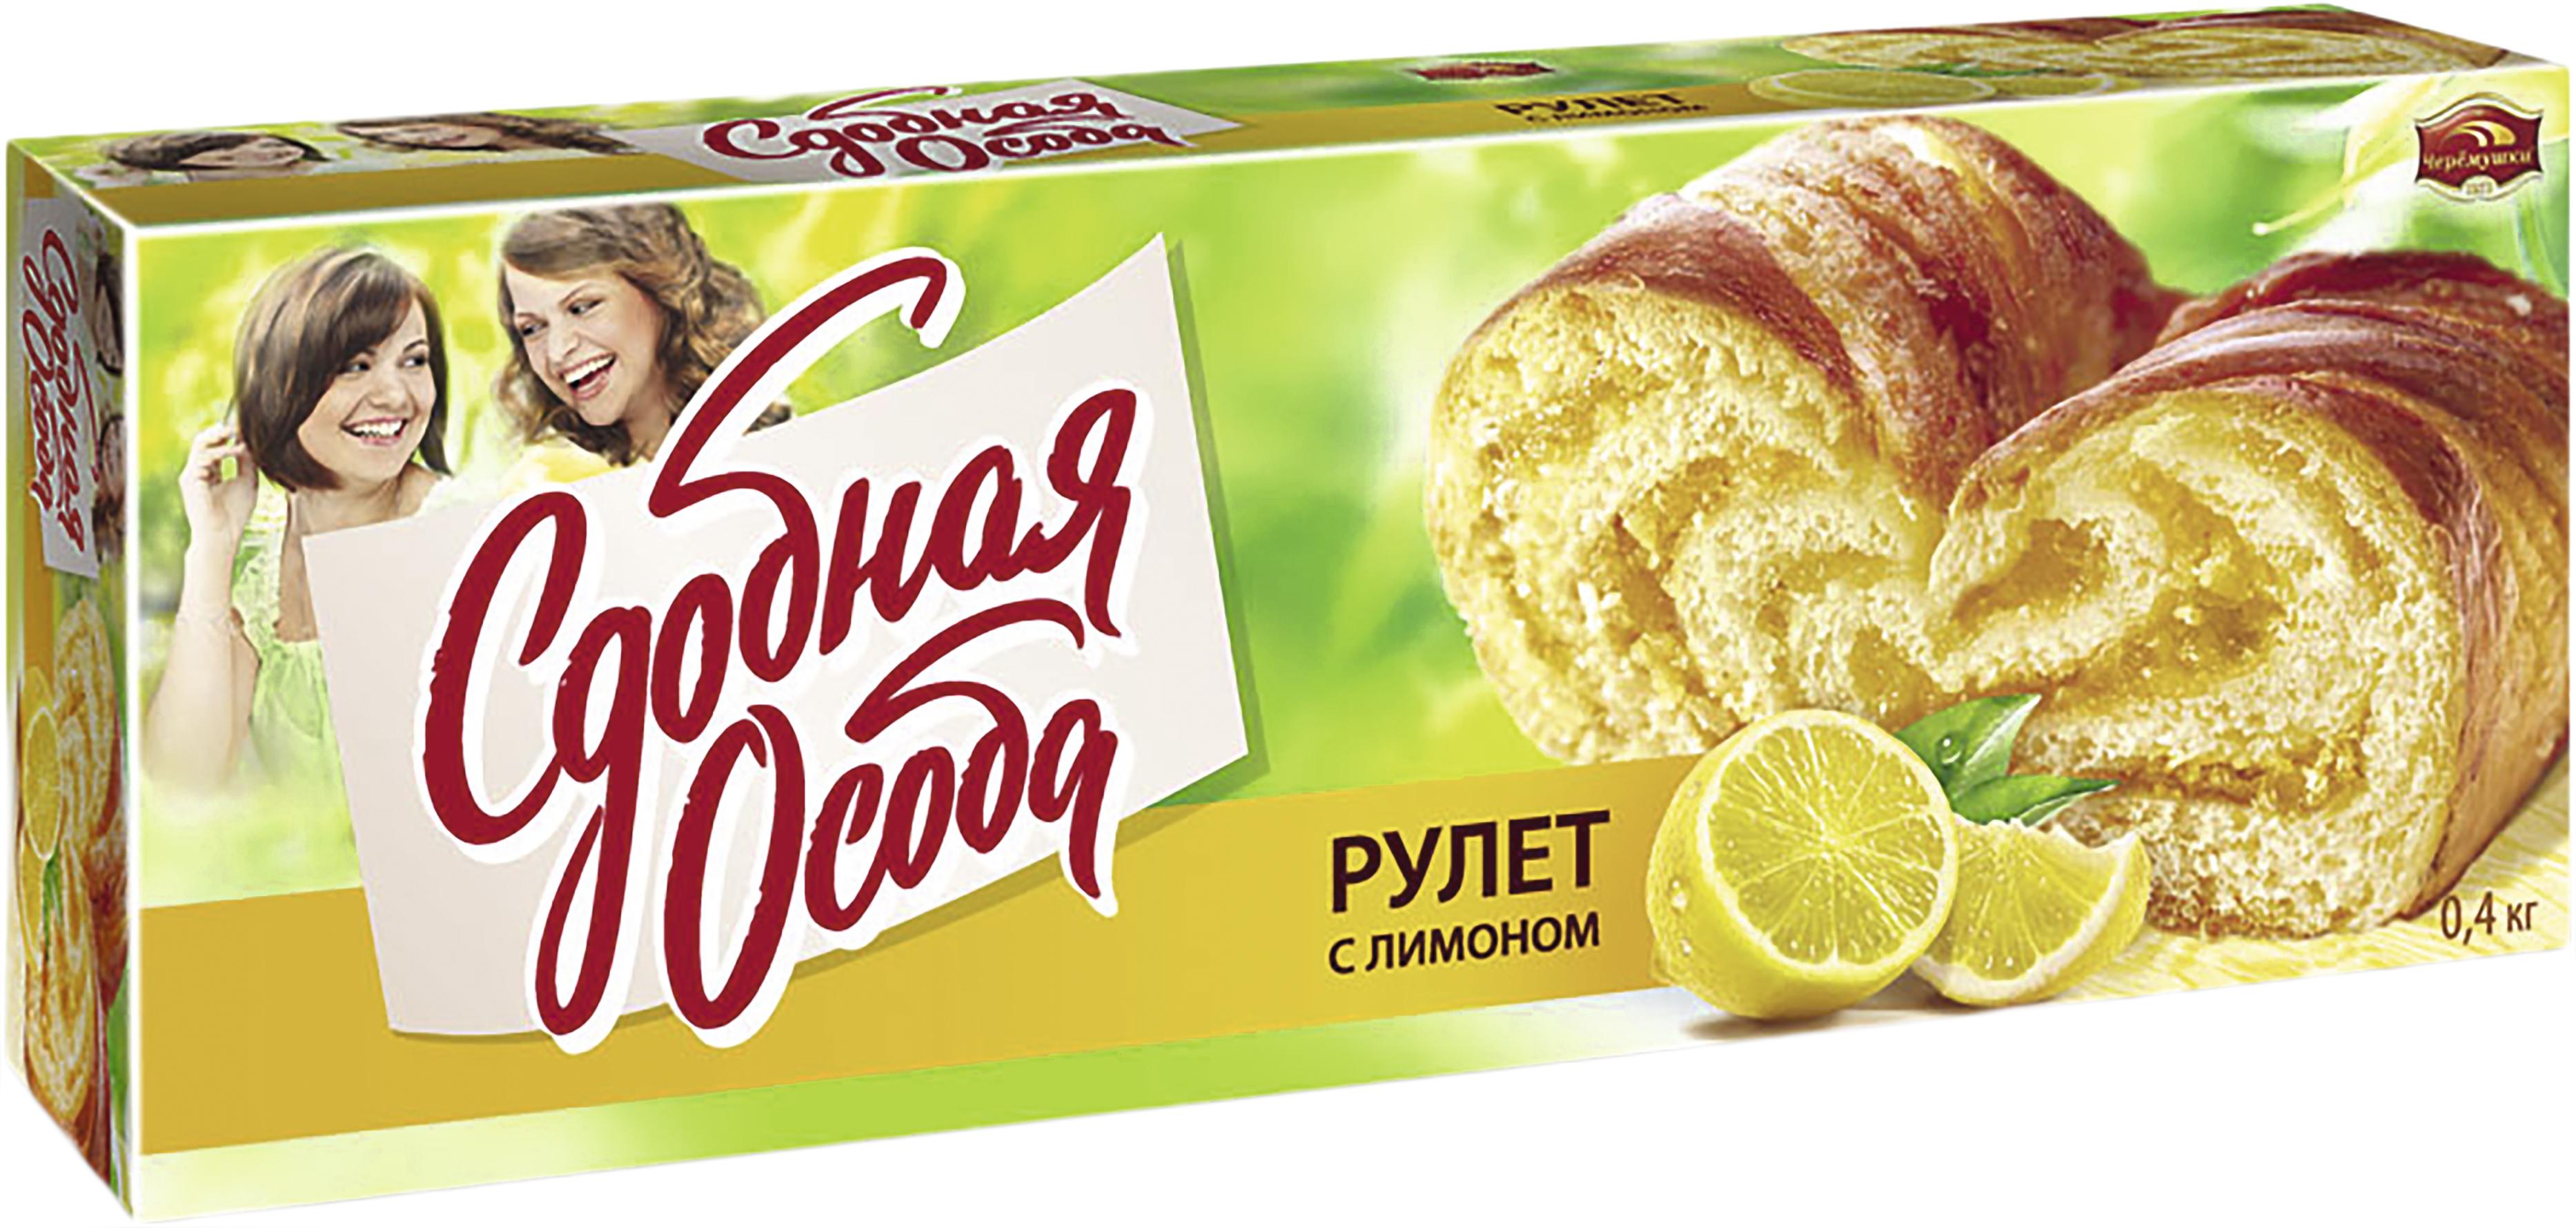 Рулет Сдобная особа с лимоном Черёмушки